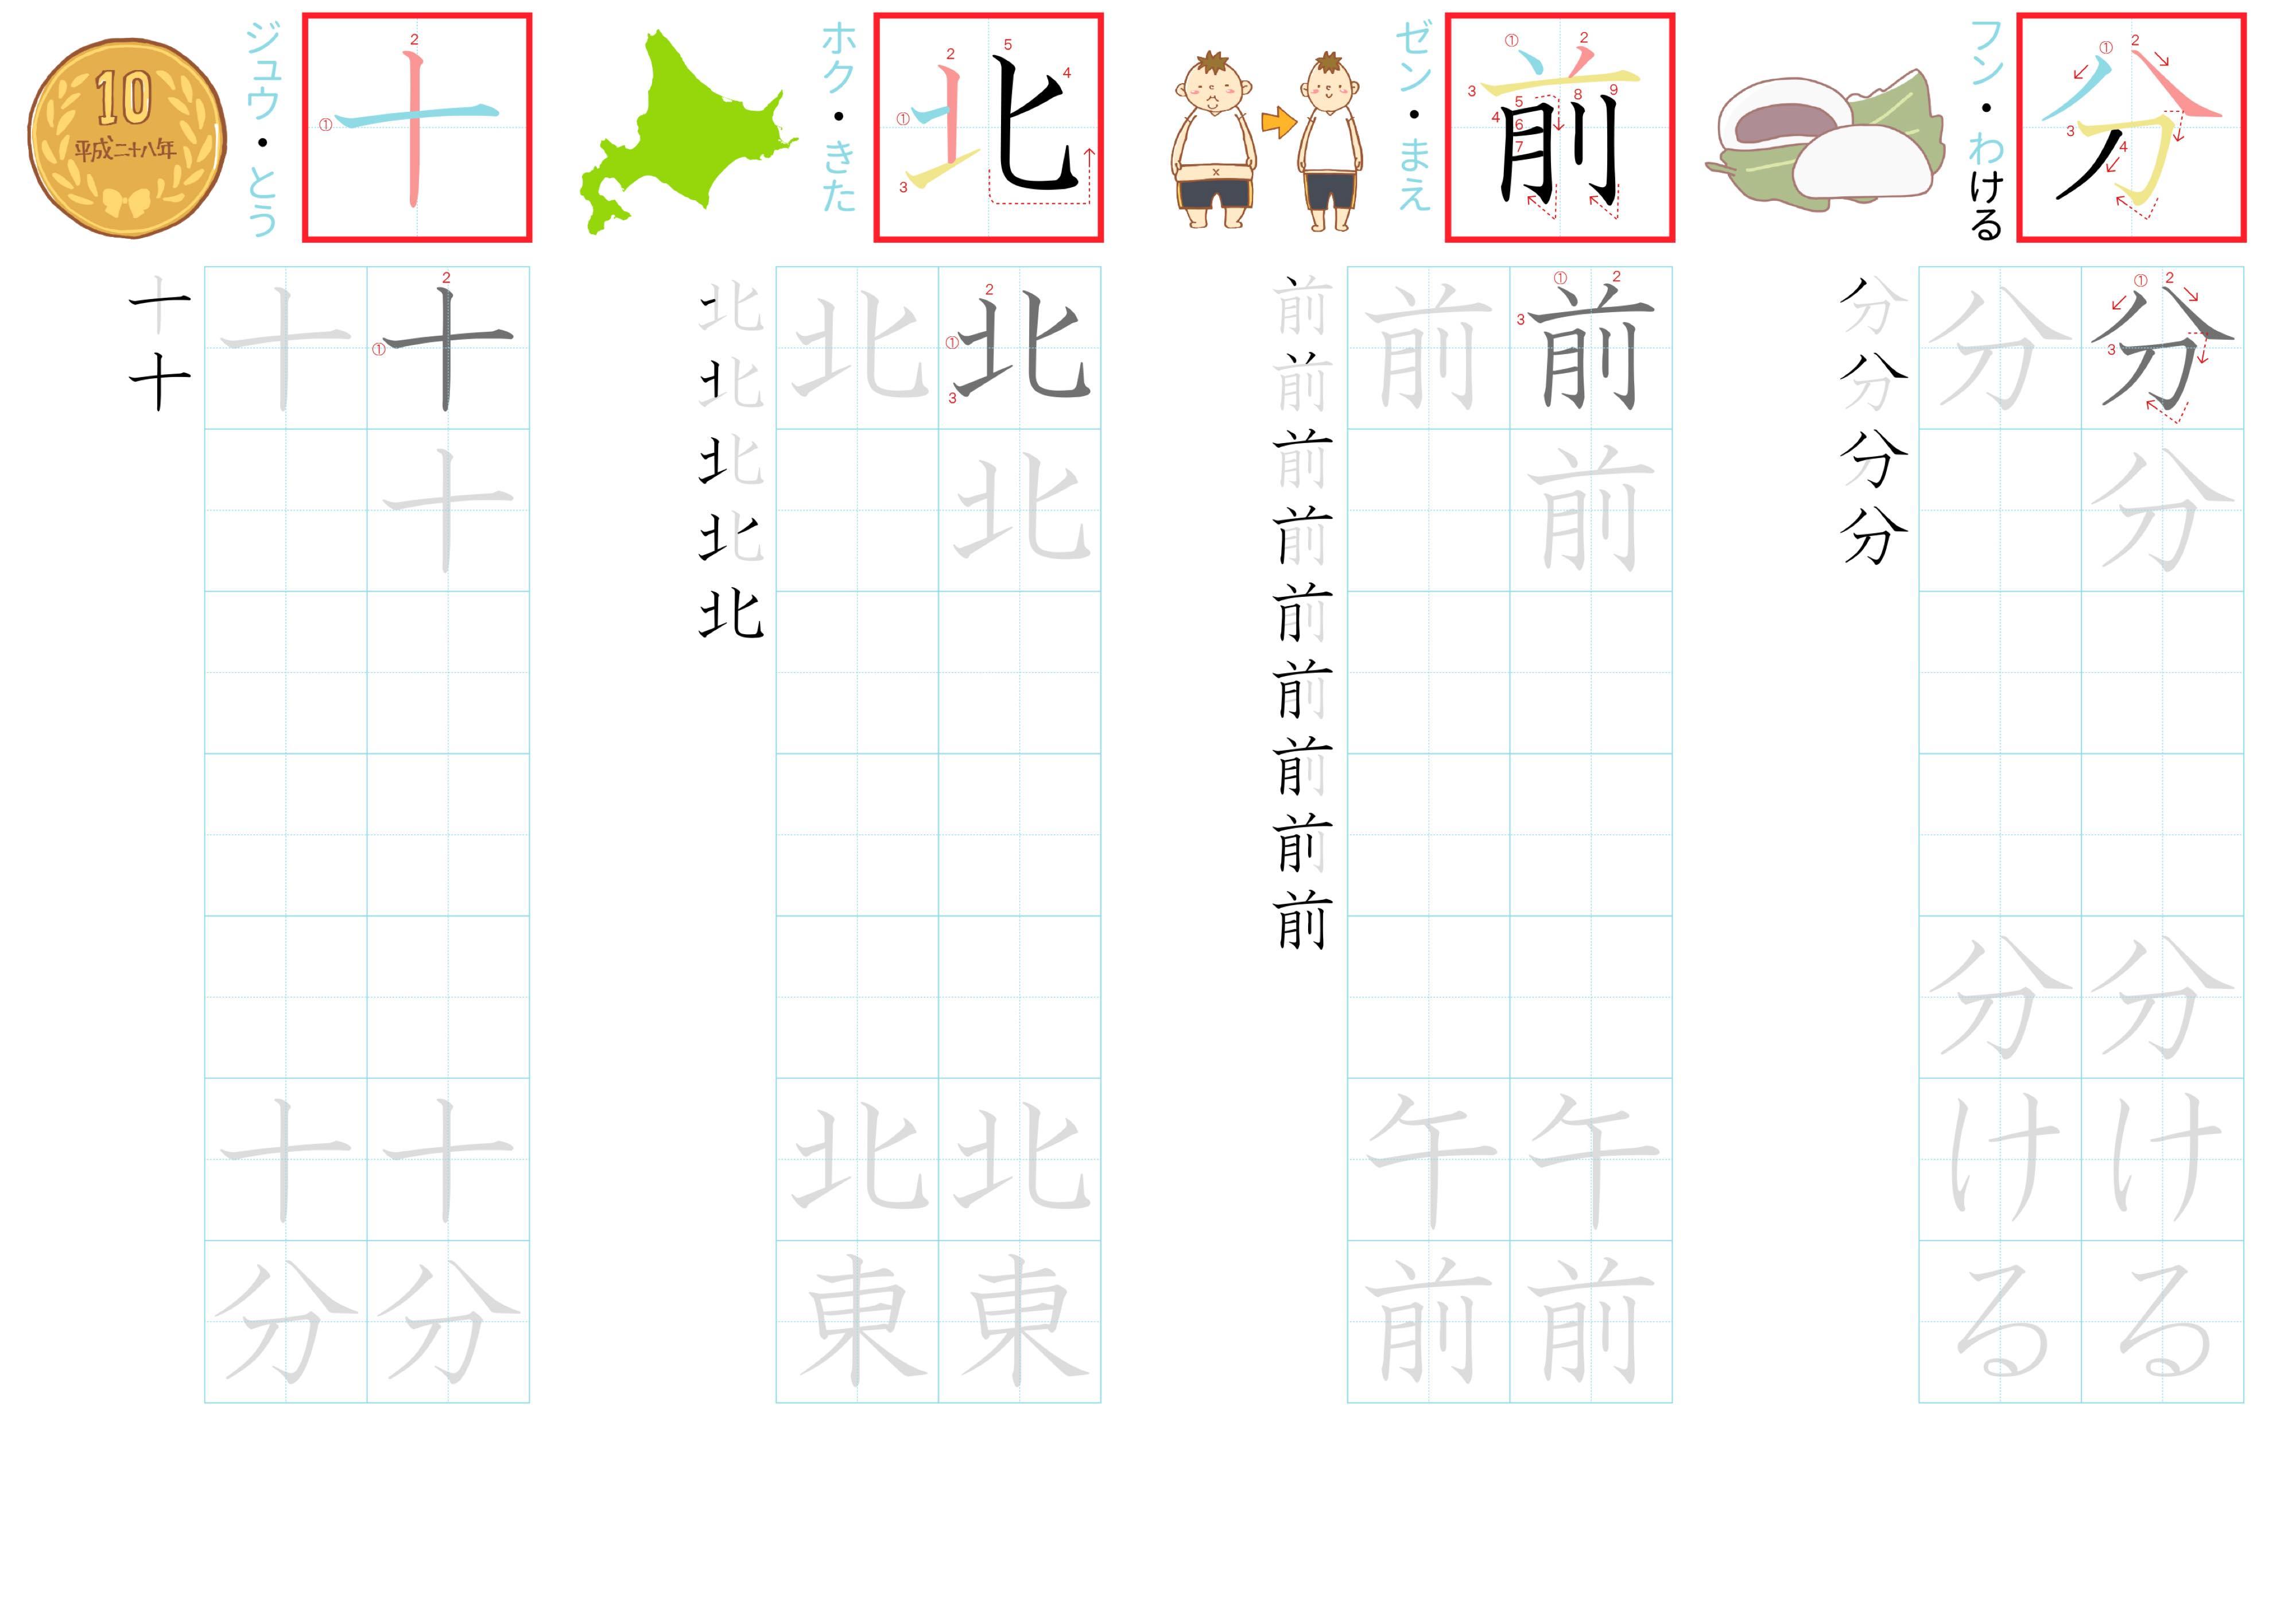 kanji-practice-card-n5-japanese-006